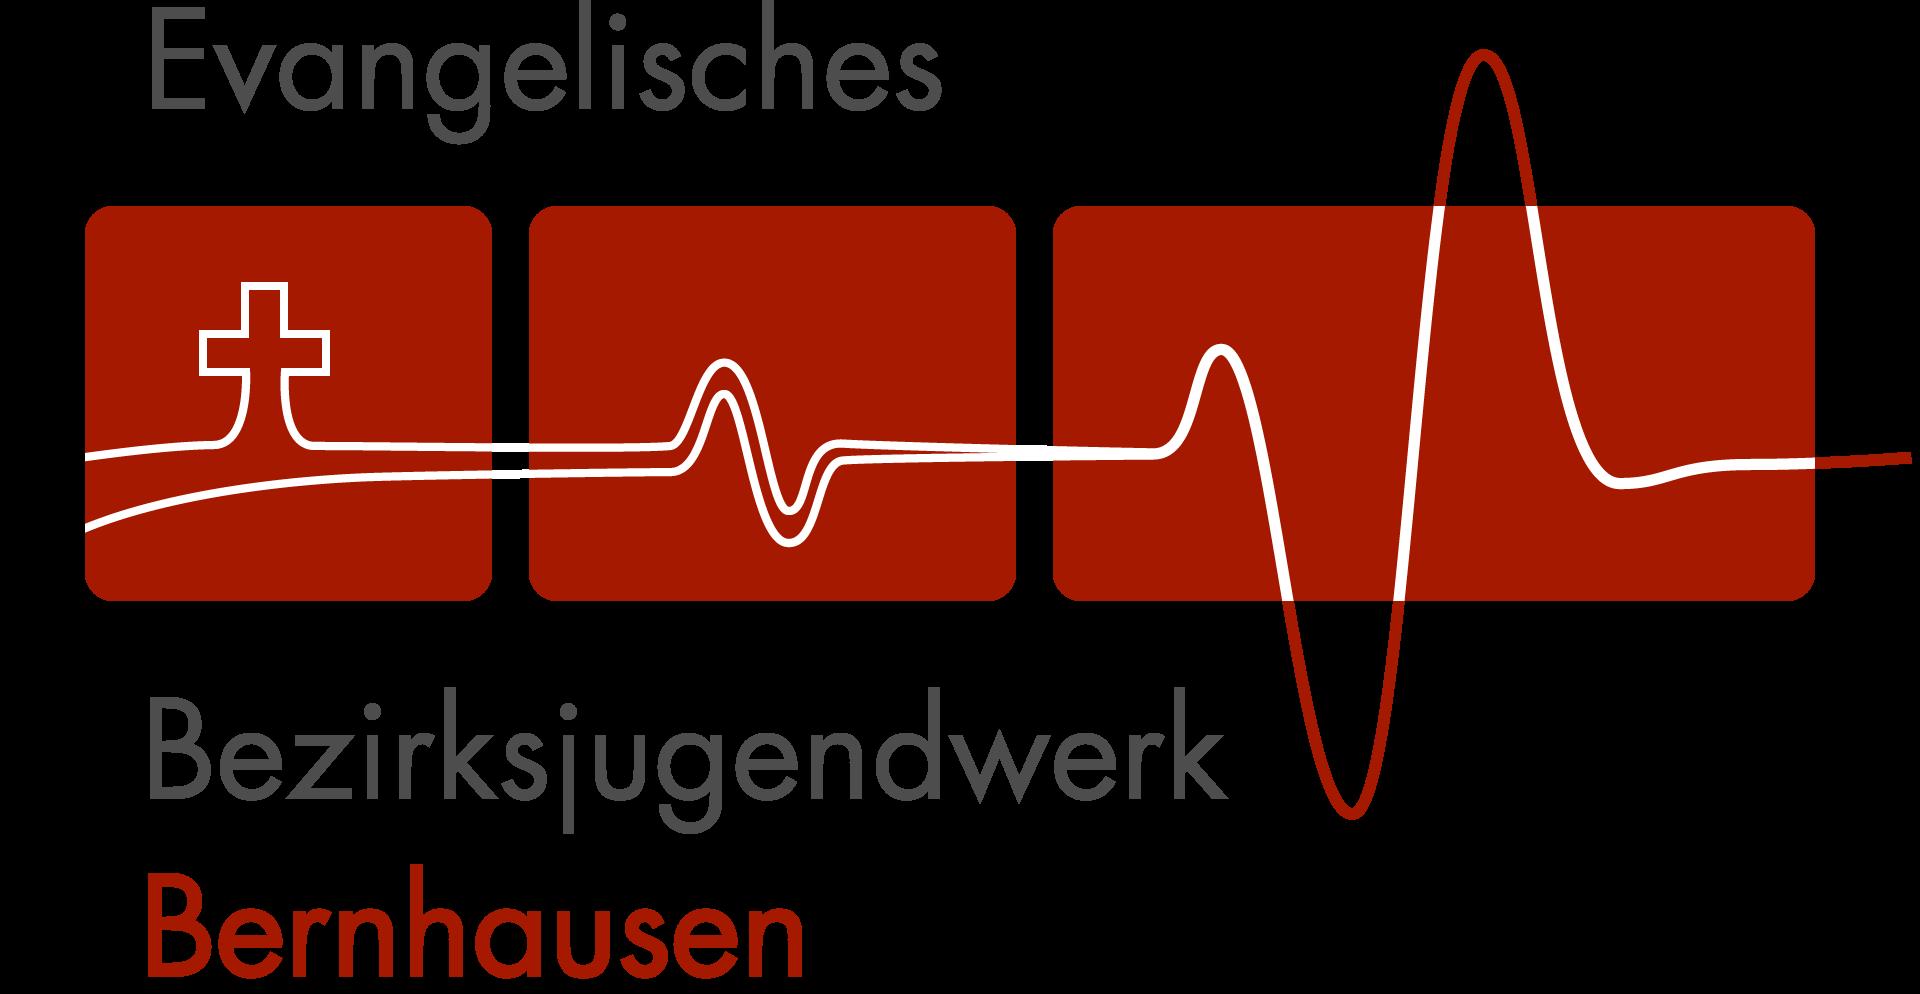 Evangelisches Bezirksjugendwerk Bernhausen